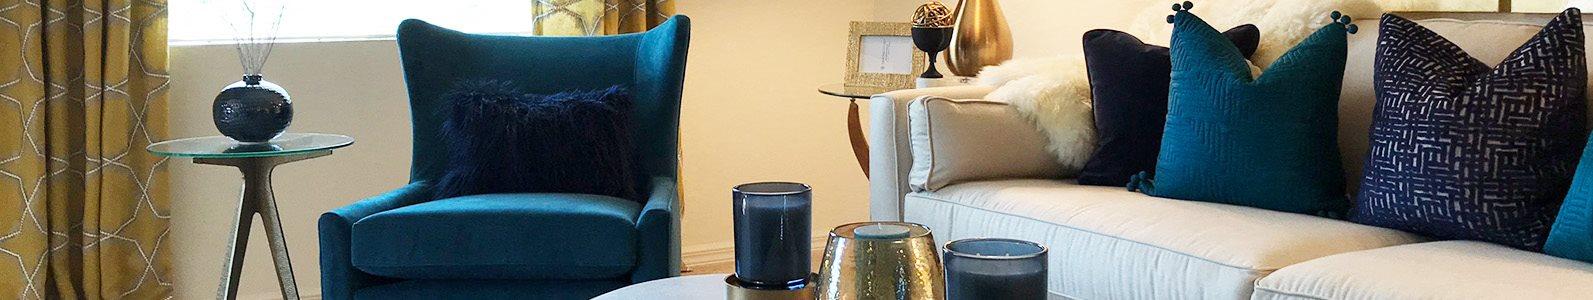 Beautiful Interior at Alaris Village Apartments at Alaris Village Apartments, Winston-Salem, NC